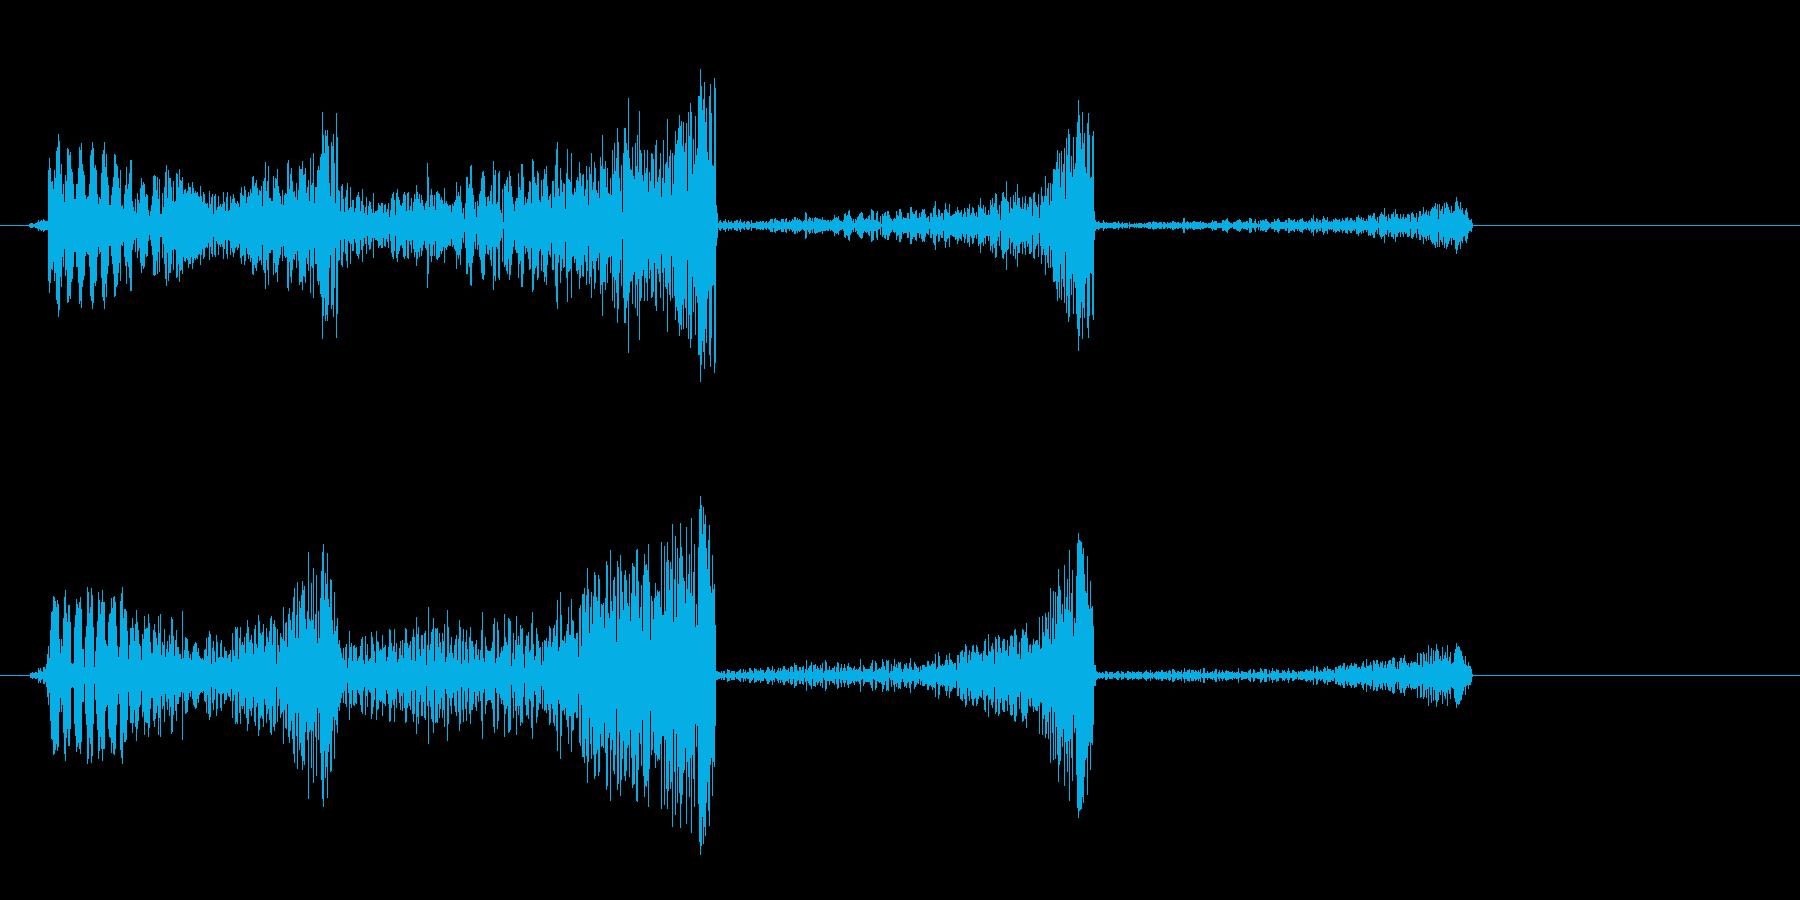 シューーン (SF系の発射音)の再生済みの波形